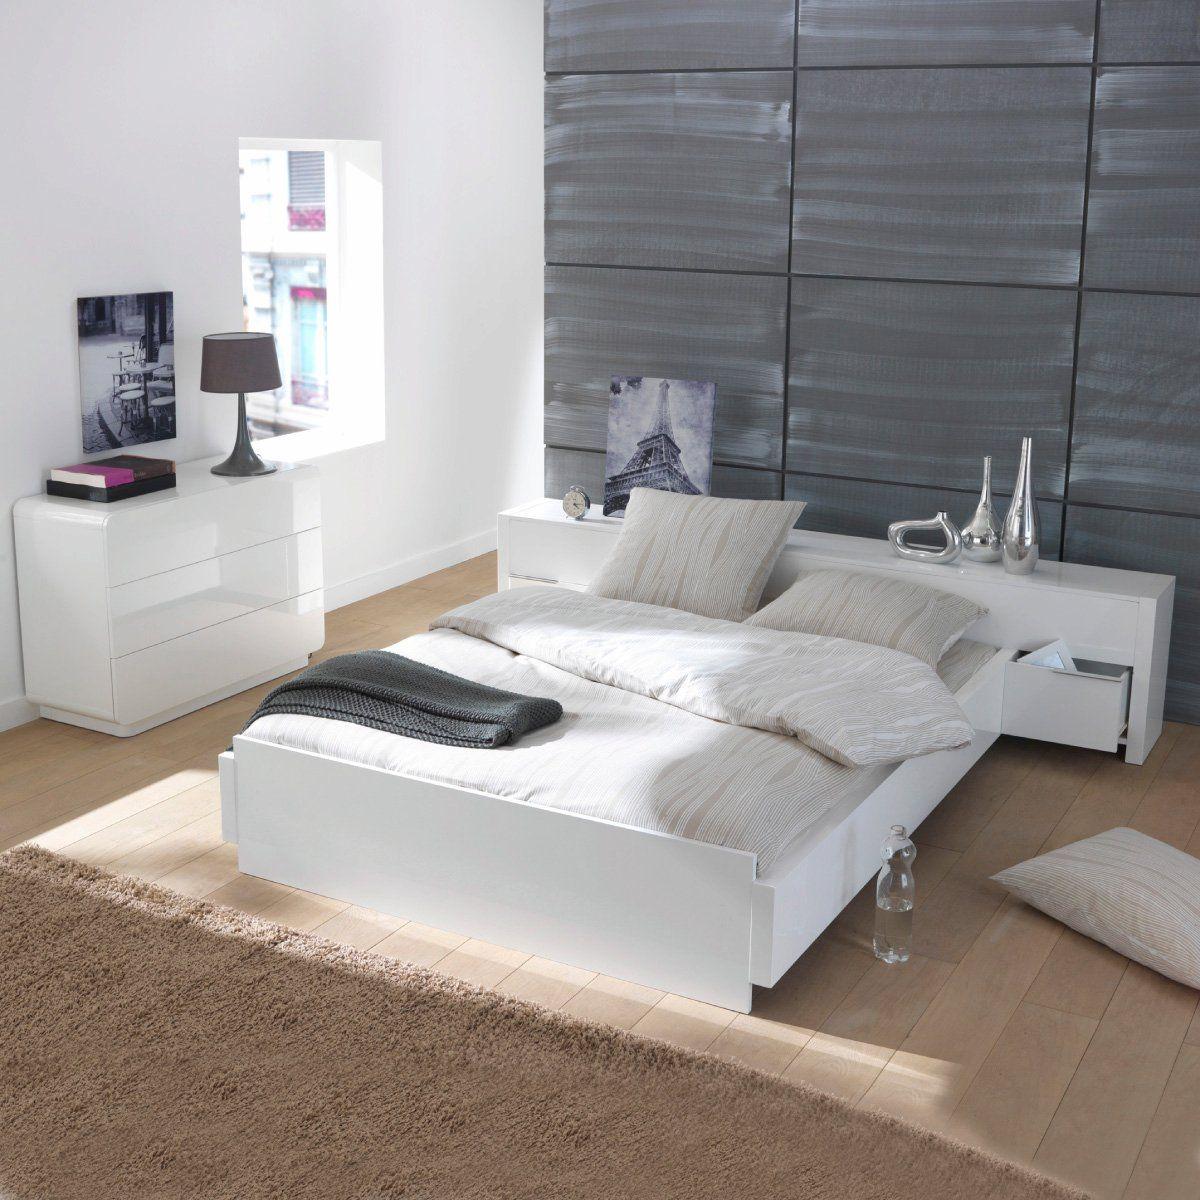 lit plateforme t te de lit tiroirs 2 places newark autre la redoute chambre des ma tres. Black Bedroom Furniture Sets. Home Design Ideas